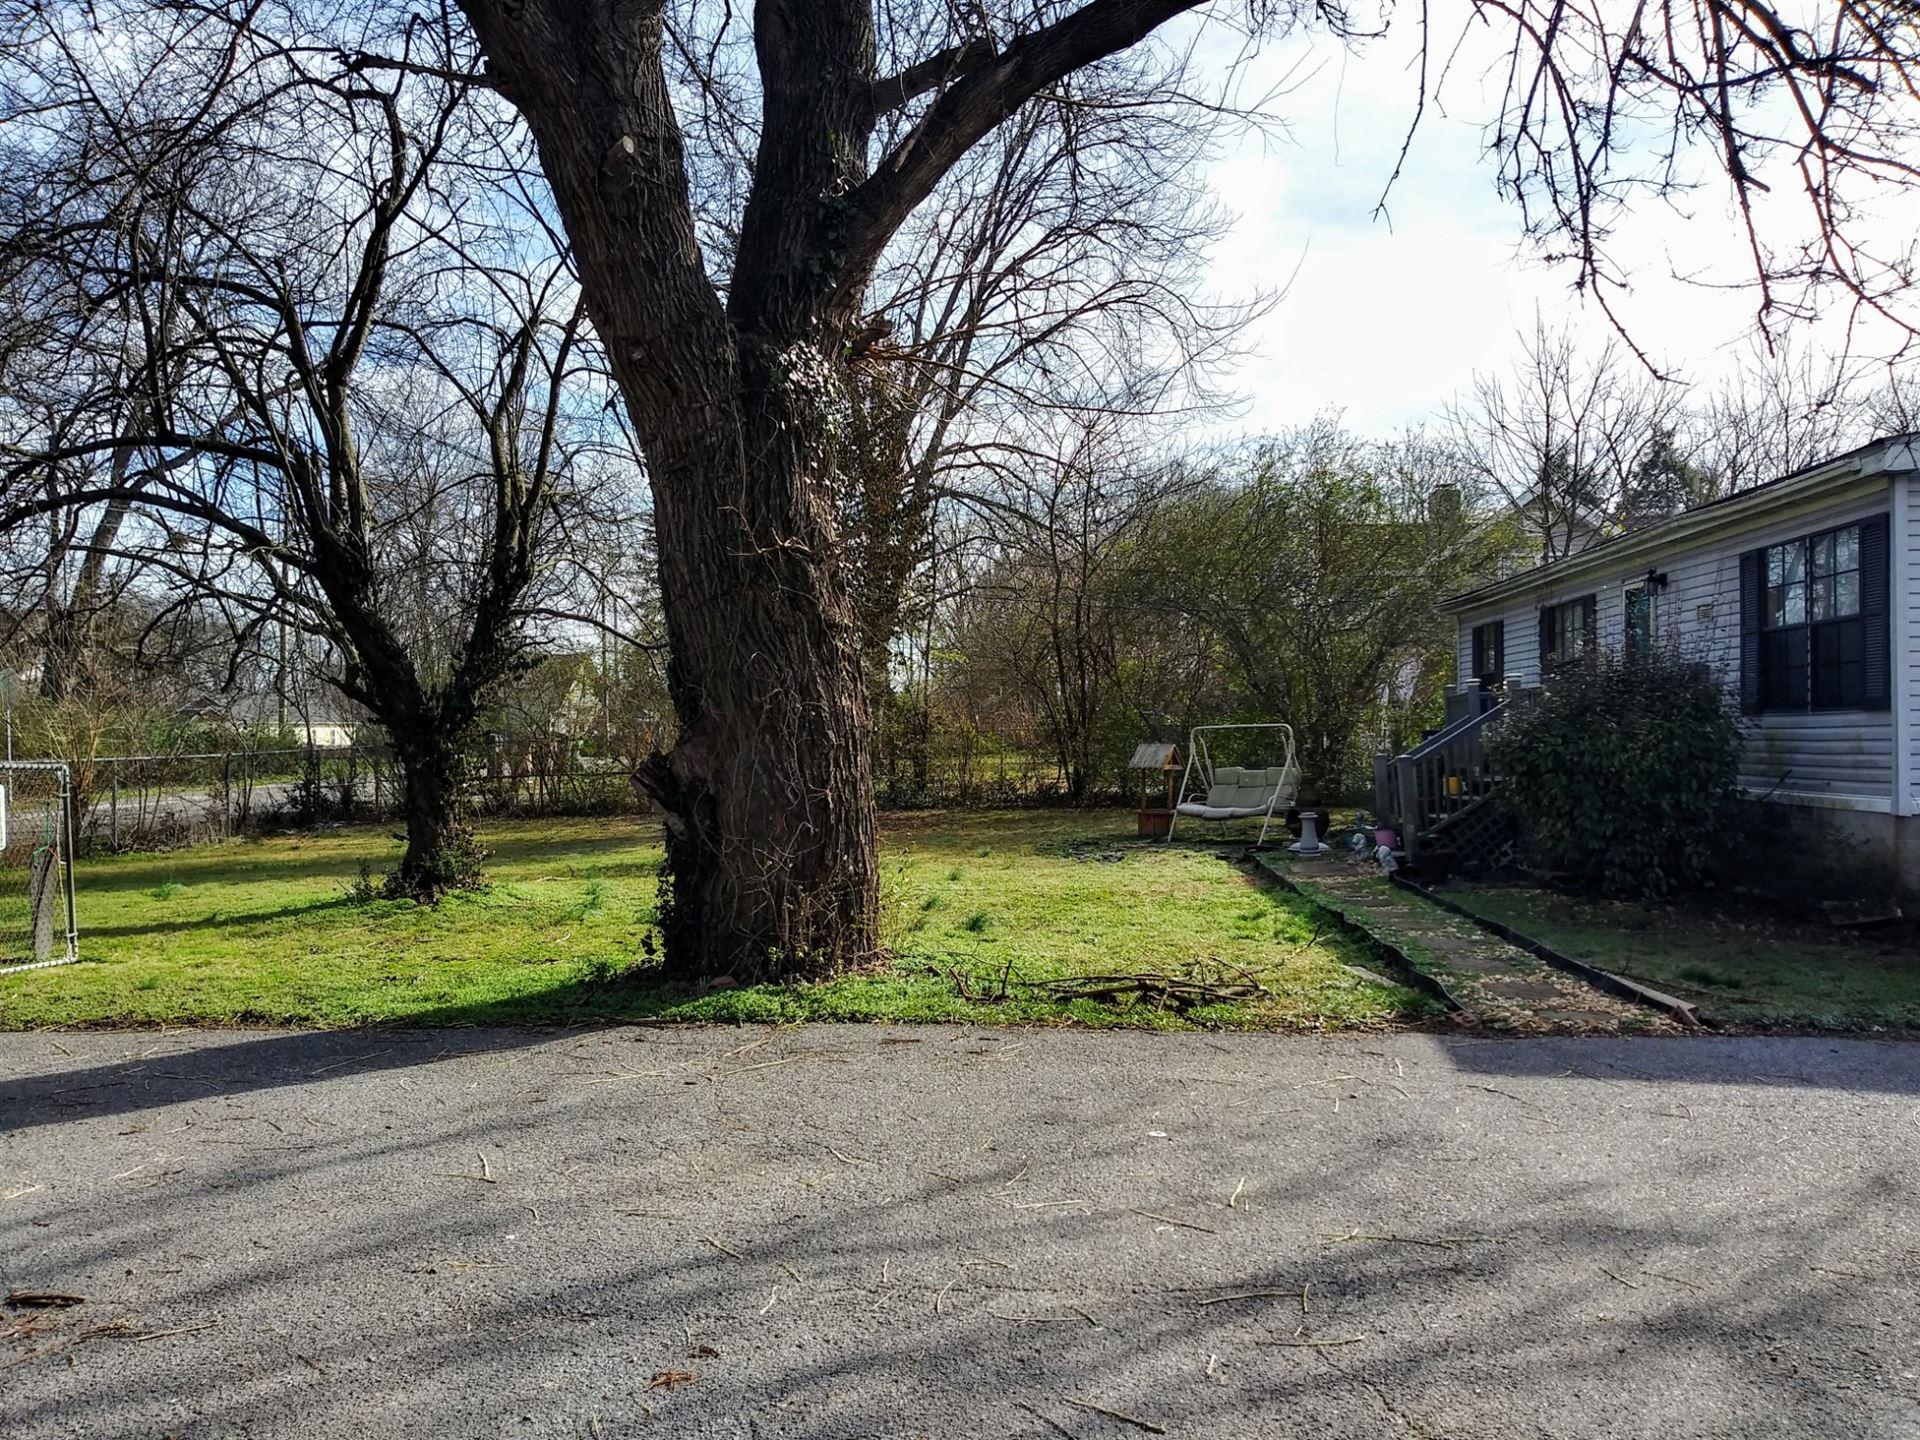 Photo of 1202 McGavock Pike, Nashville, TN 37216 (MLS # 2156146)